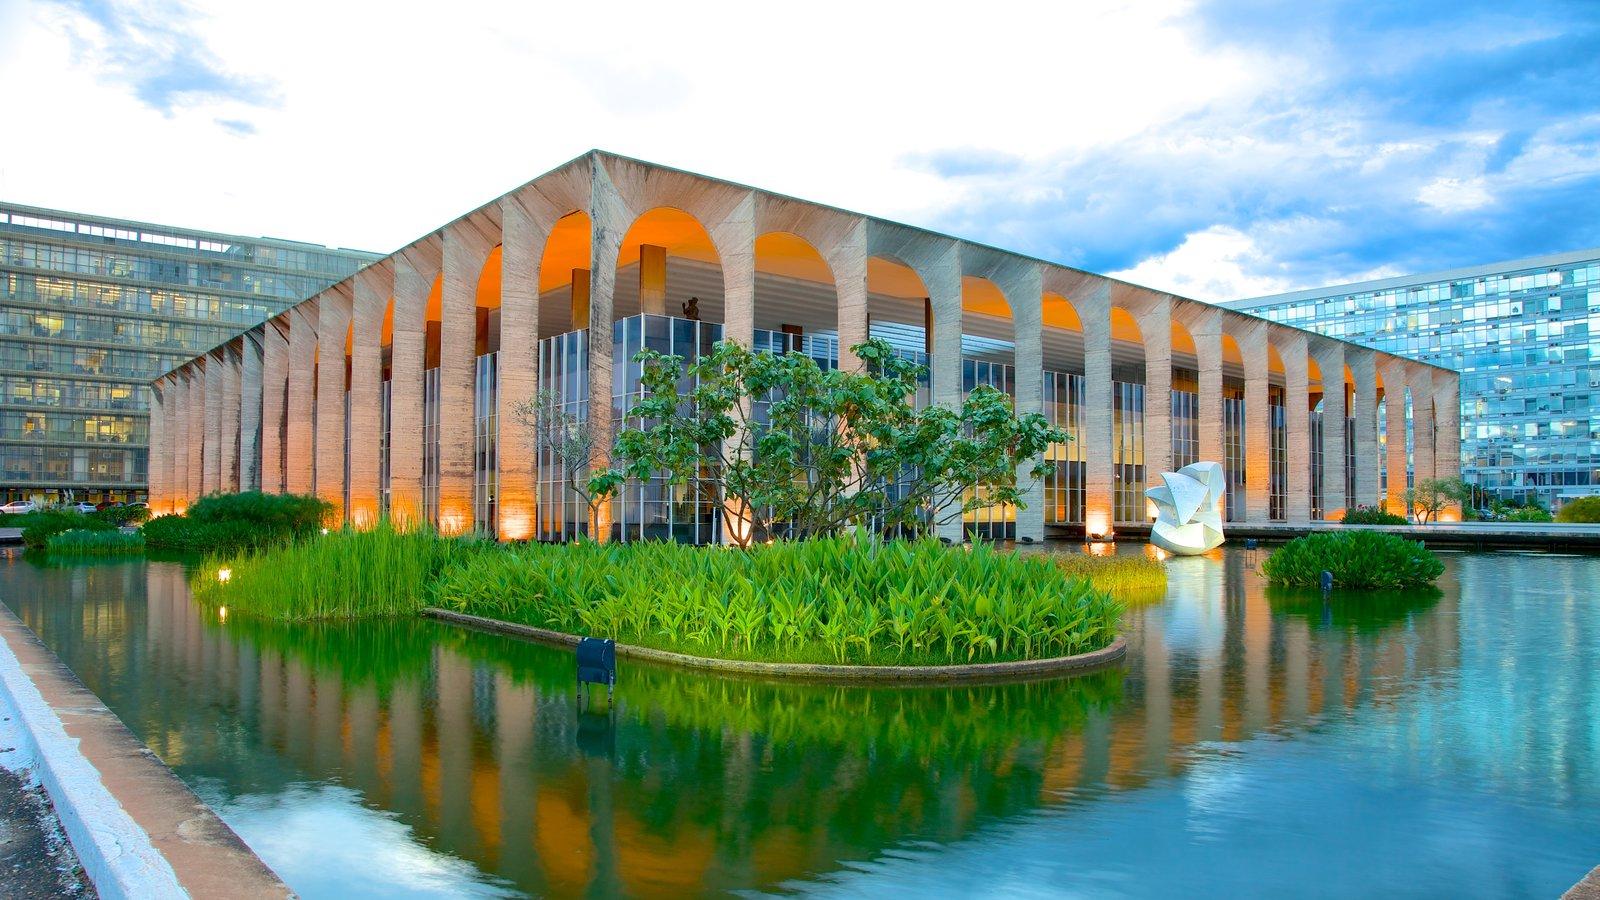 Palácio do Itamaraty que inclui uma cidade, arquitetura moderna e um lago